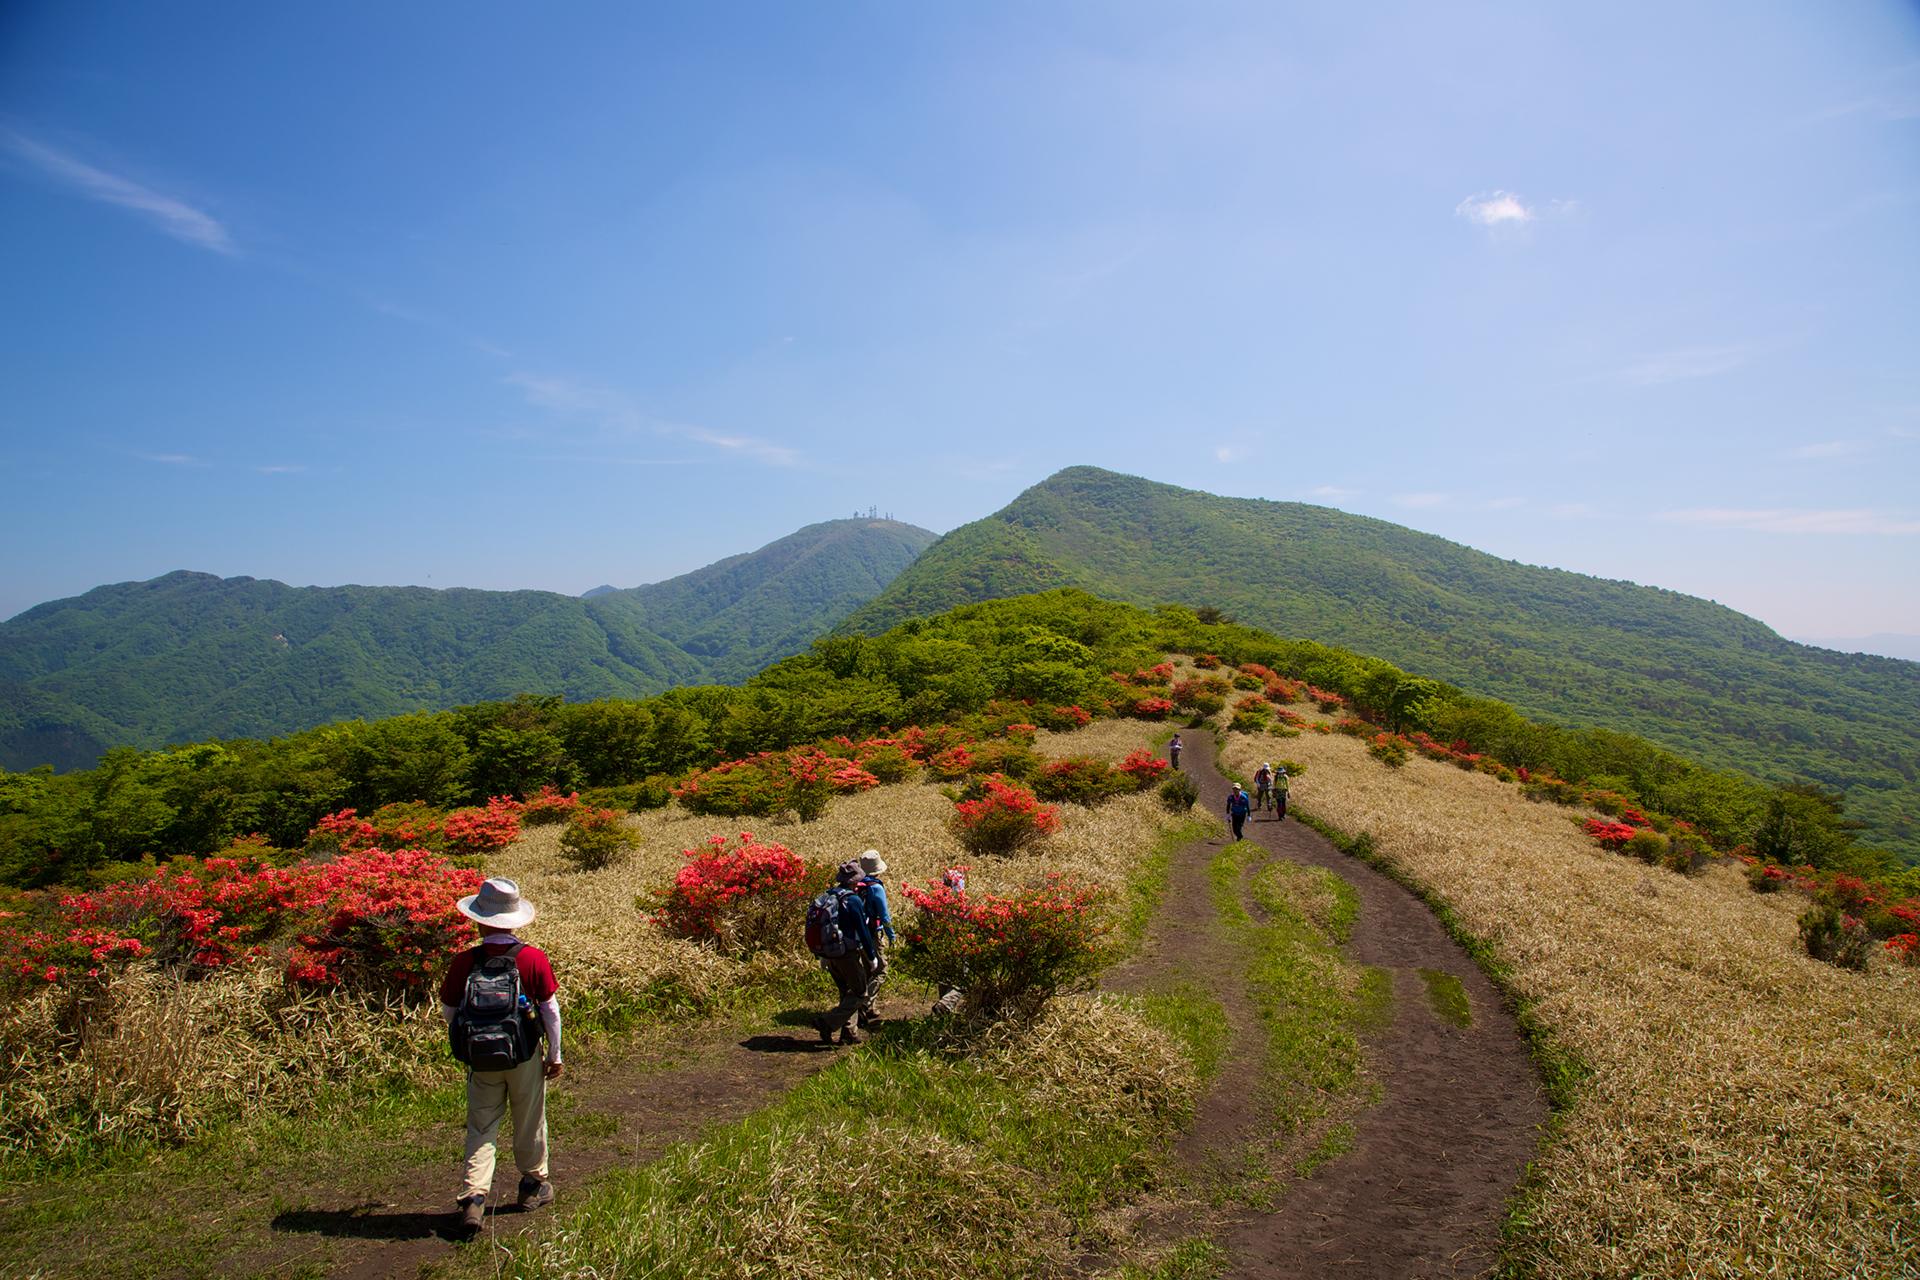 07-1 ビギナーにもおすすめ!日帰りでも楽しめる関東の絶景登山・ハイキングスポット10選